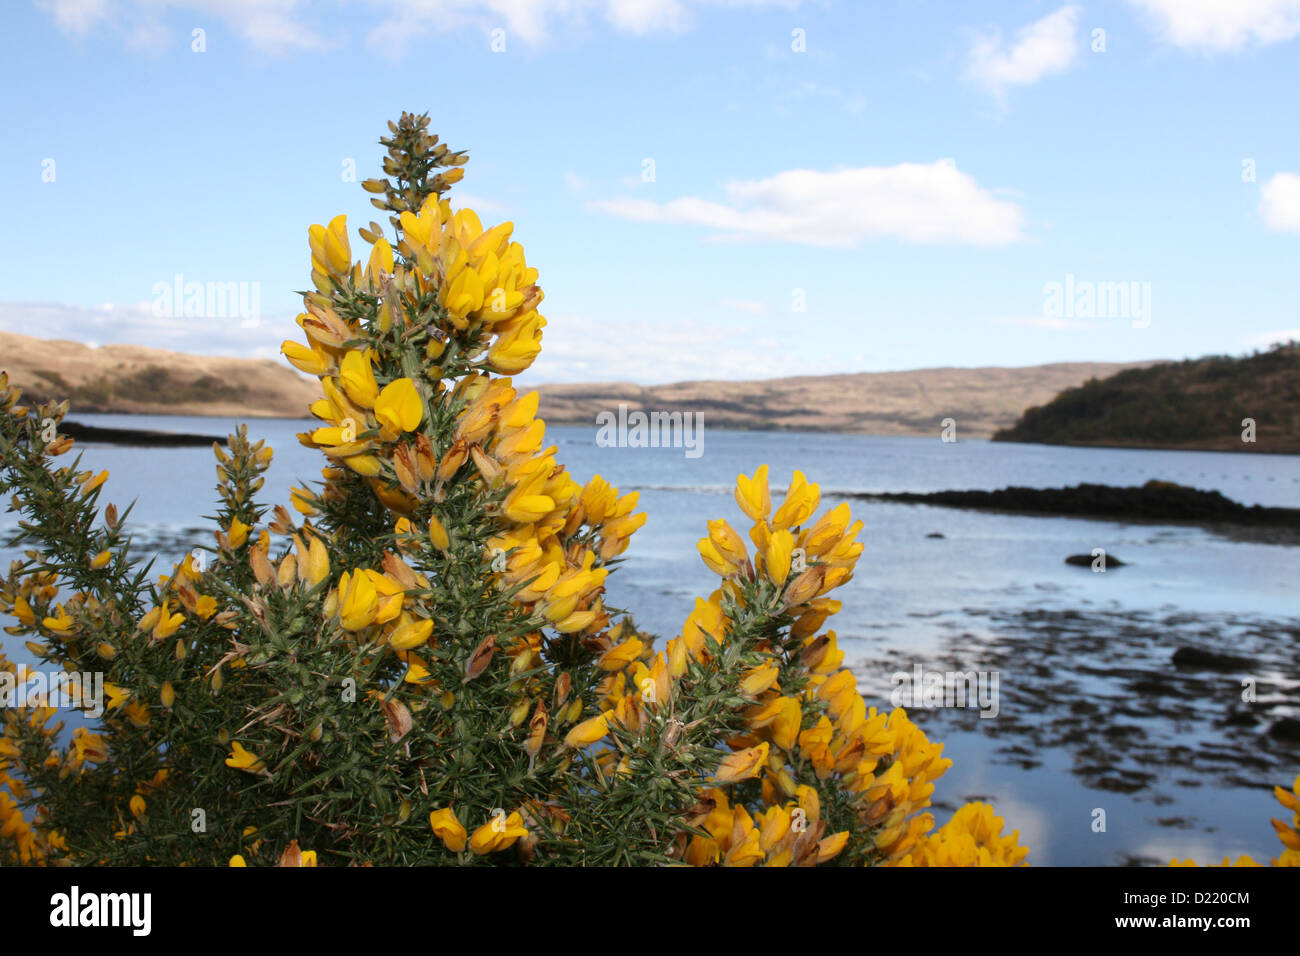 Fiori Gialli Scozia.Fiori Gialli In Scozia Foto Immagine Stock 52904676 Alamy